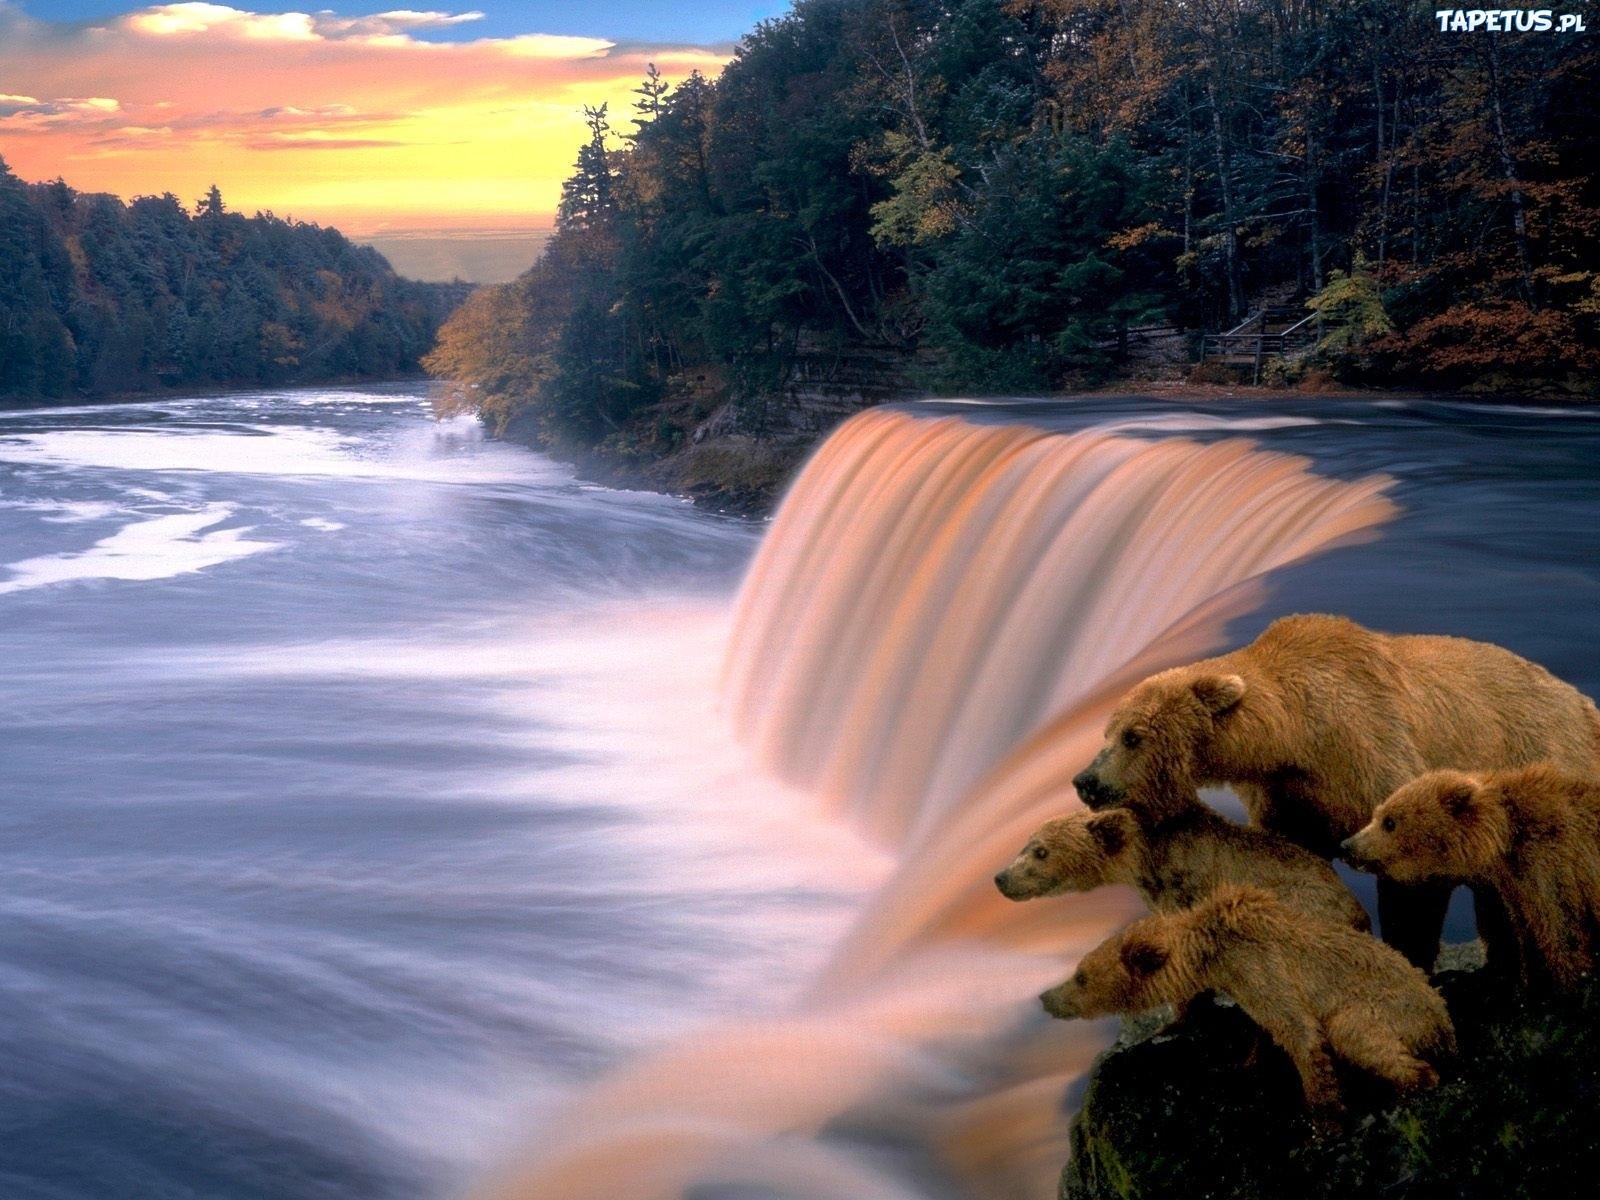 壁纸 风景 旅游 瀑布 山水 桌面 1600_1200